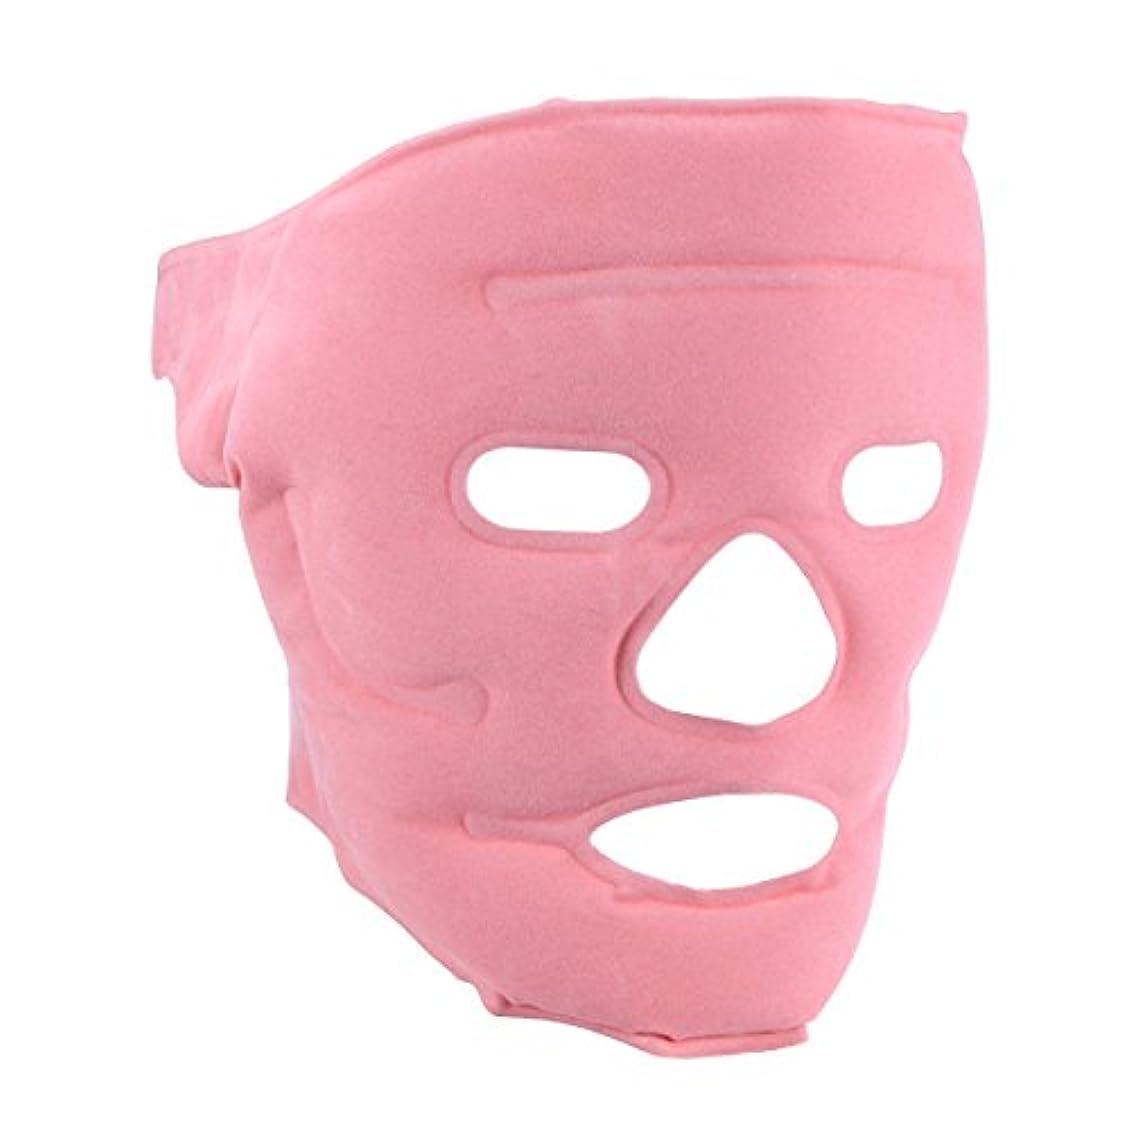 憤るタンク裁量HEALLILY ジェルアイスフェイスマスク美容フェイスリフティングマッサージフェイシャルマスク